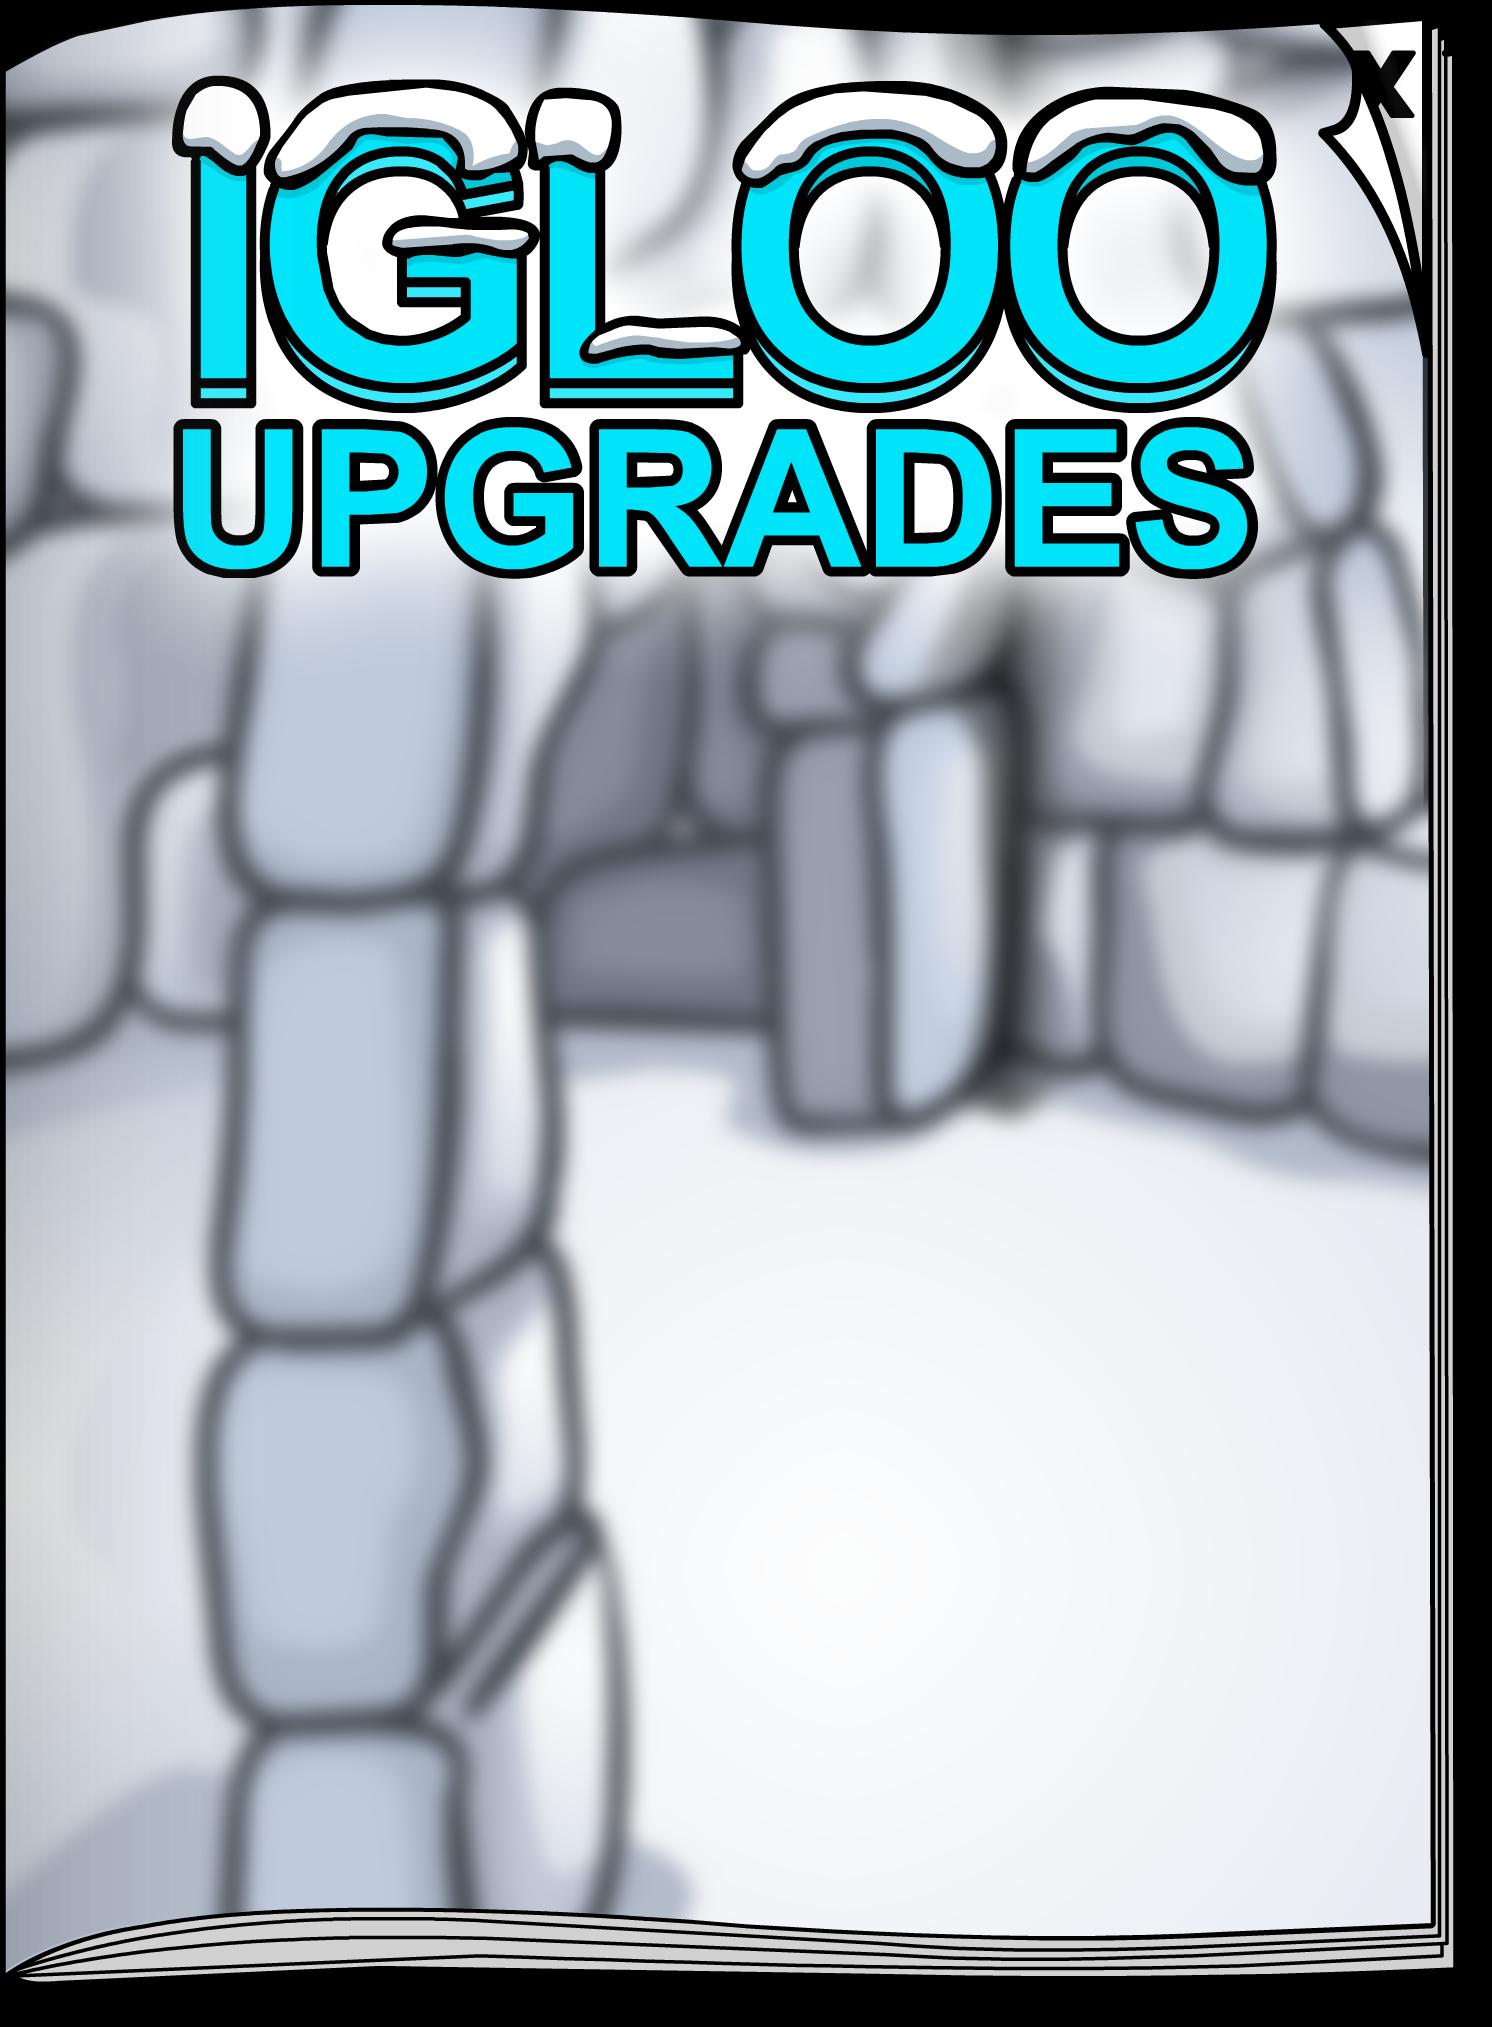 Igloo Upgrades Jan'18